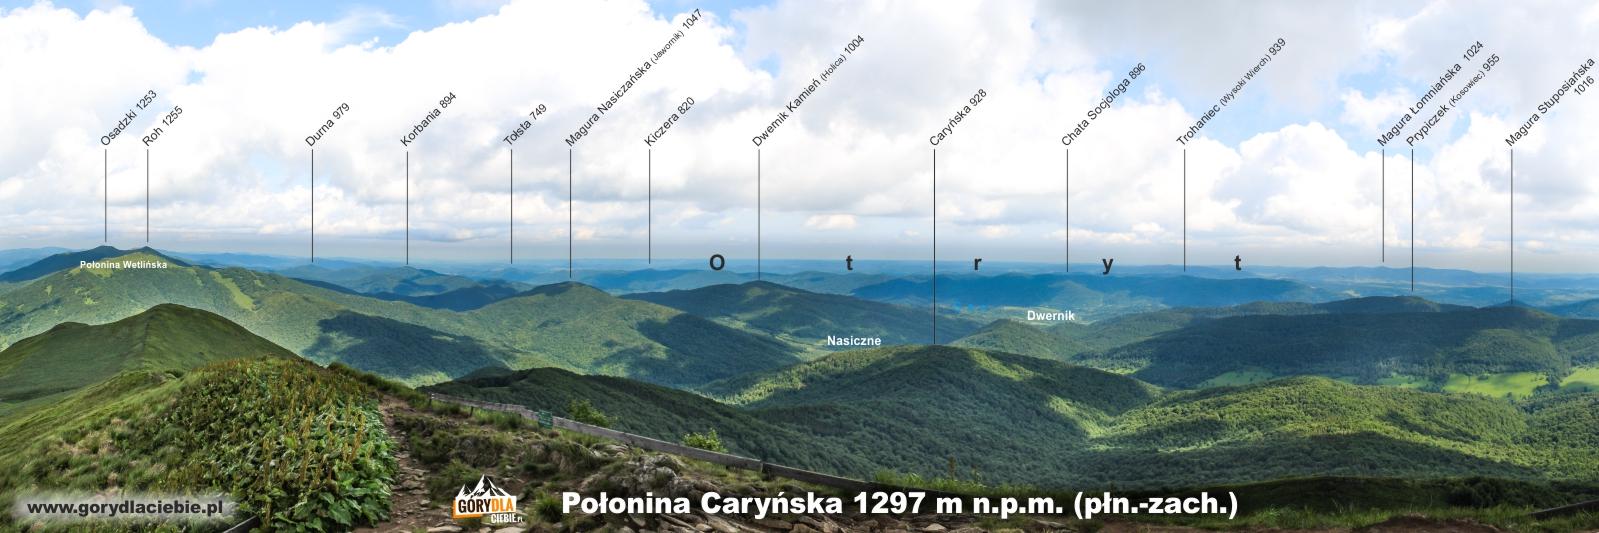 Panorama (z opisem) z Połoniny Caryńskiej w kierunku płn.-zach.